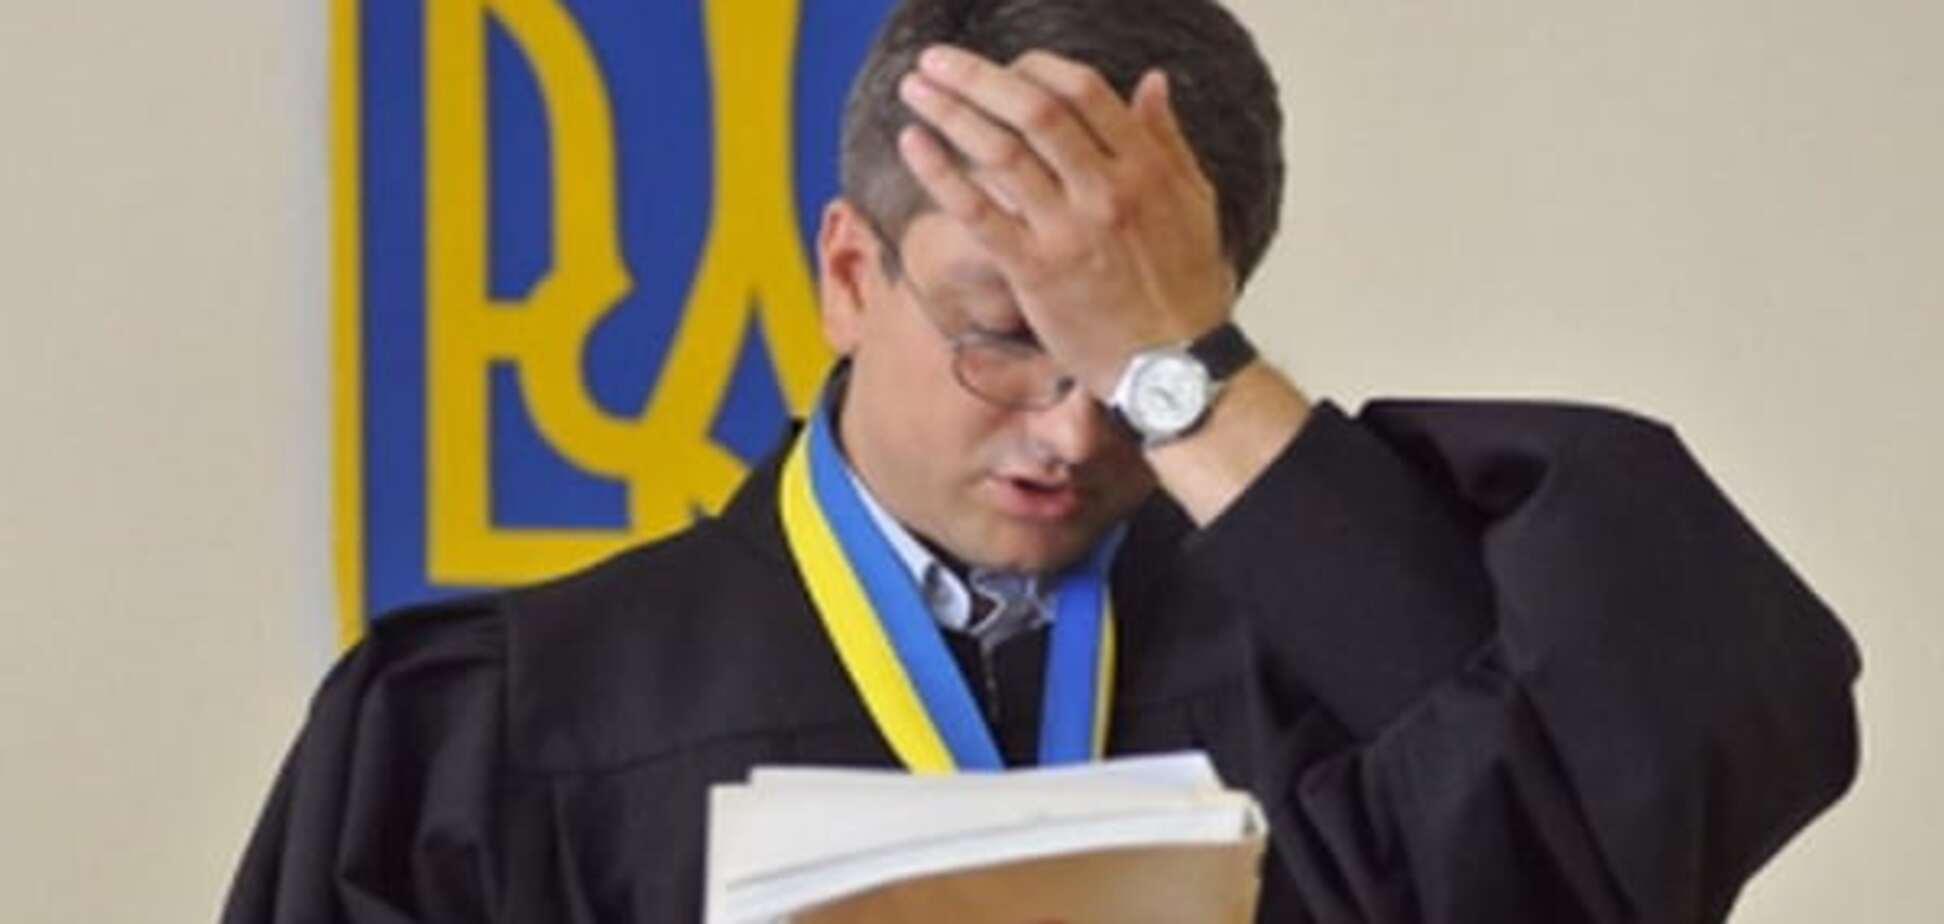 Вища рада юстиції звільнила суддю Кірєєва